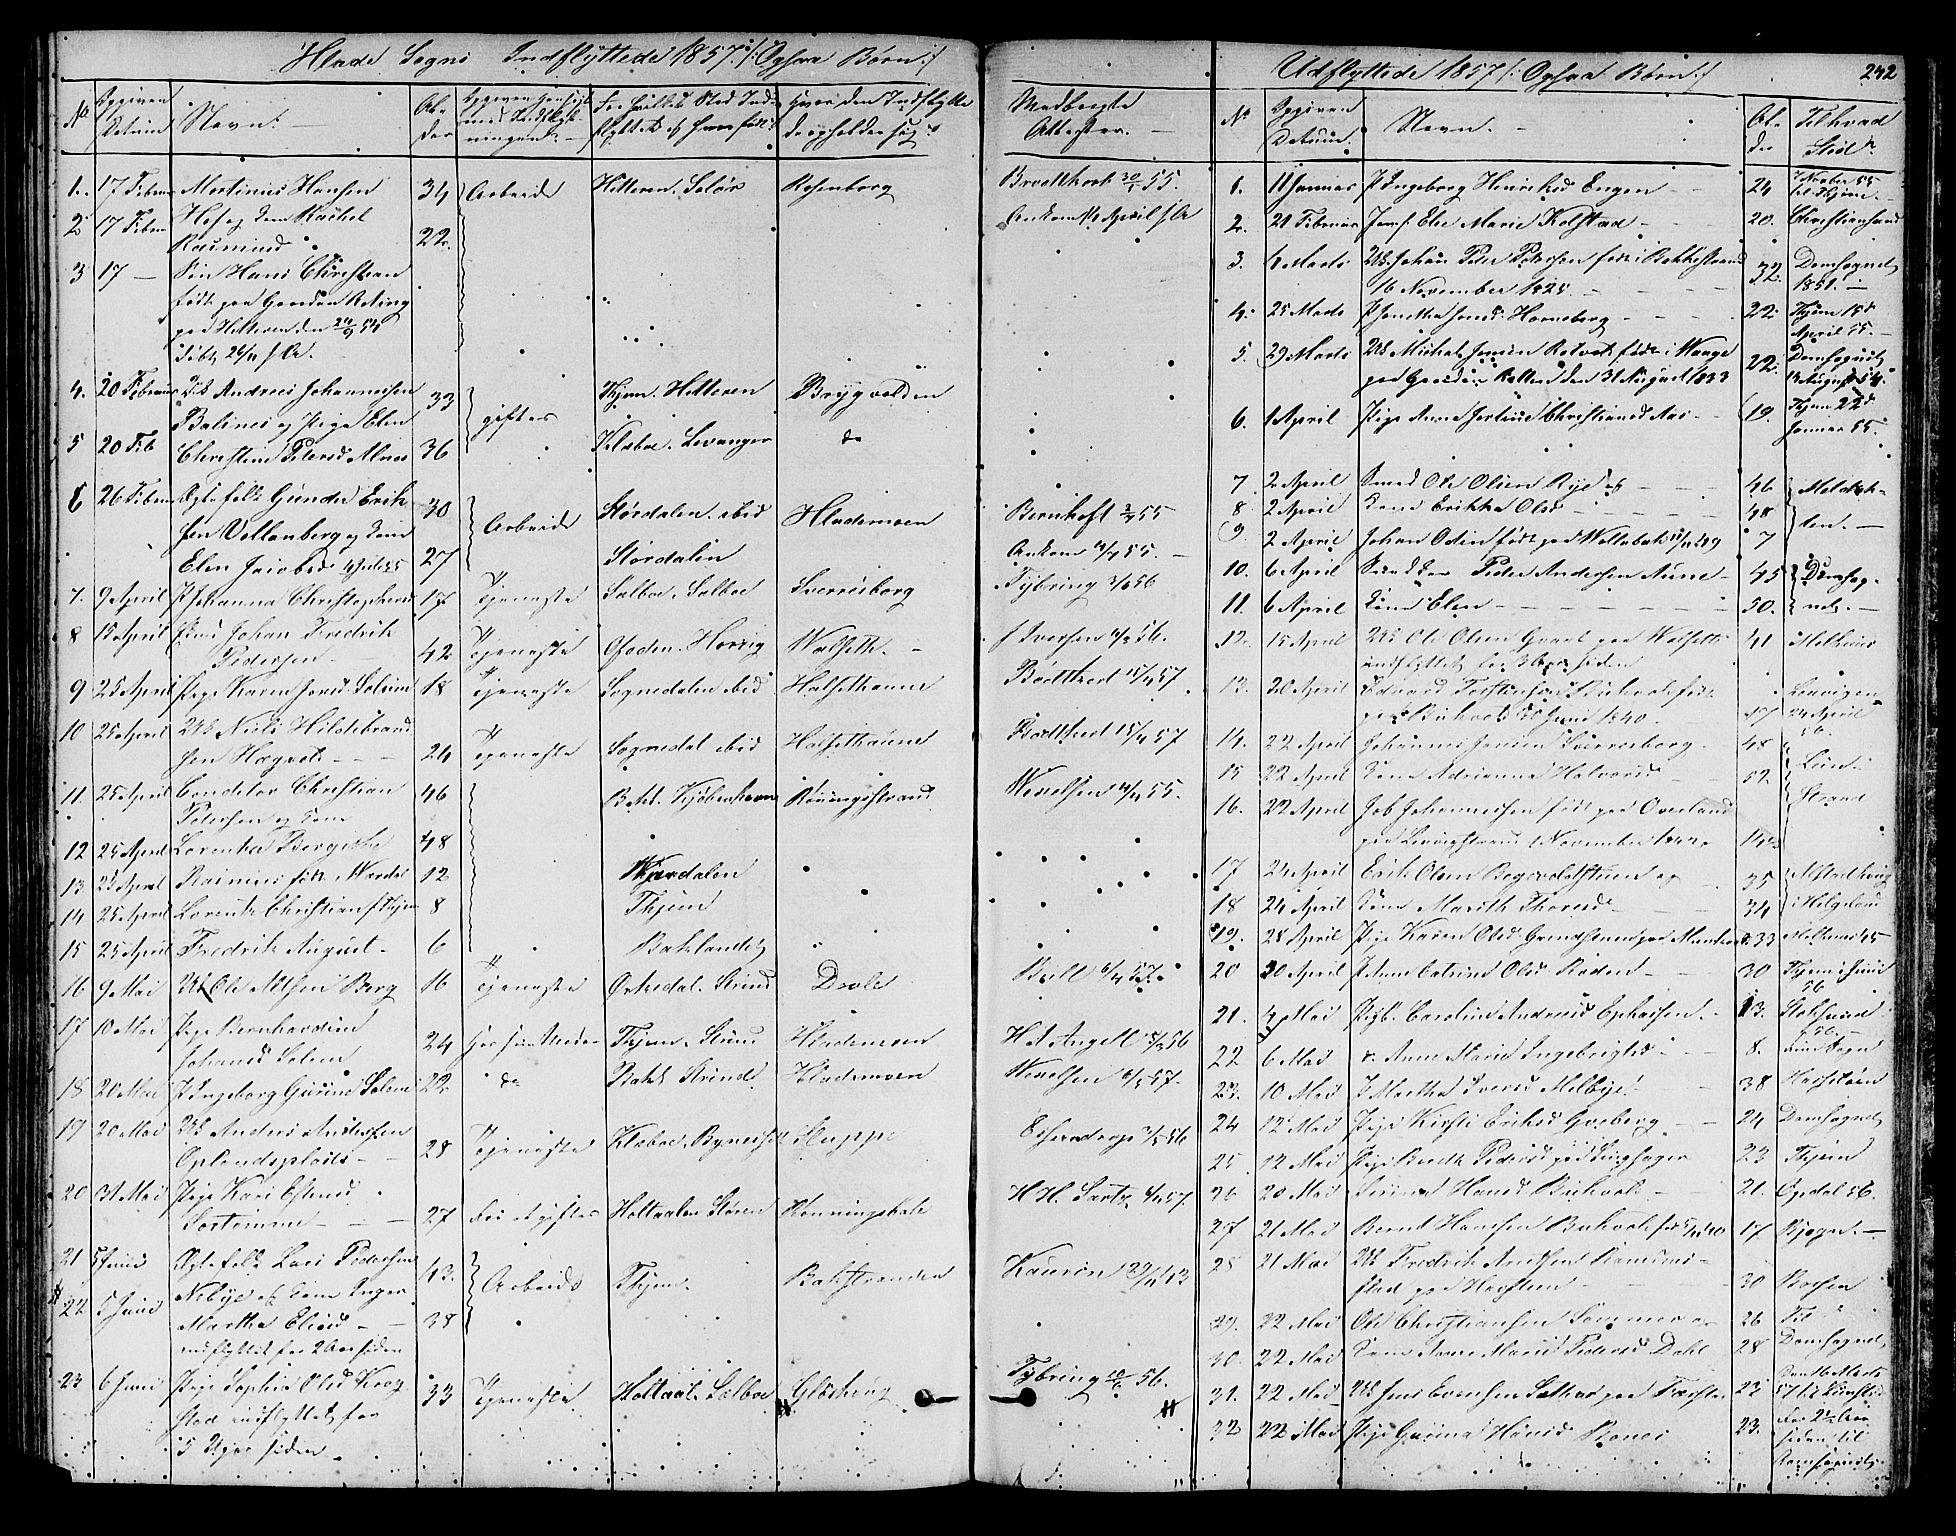 SAT, Ministerialprotokoller, klokkerbøker og fødselsregistre - Sør-Trøndelag, 606/L0310: Klokkerbok nr. 606C06, 1850-1859, s. 242